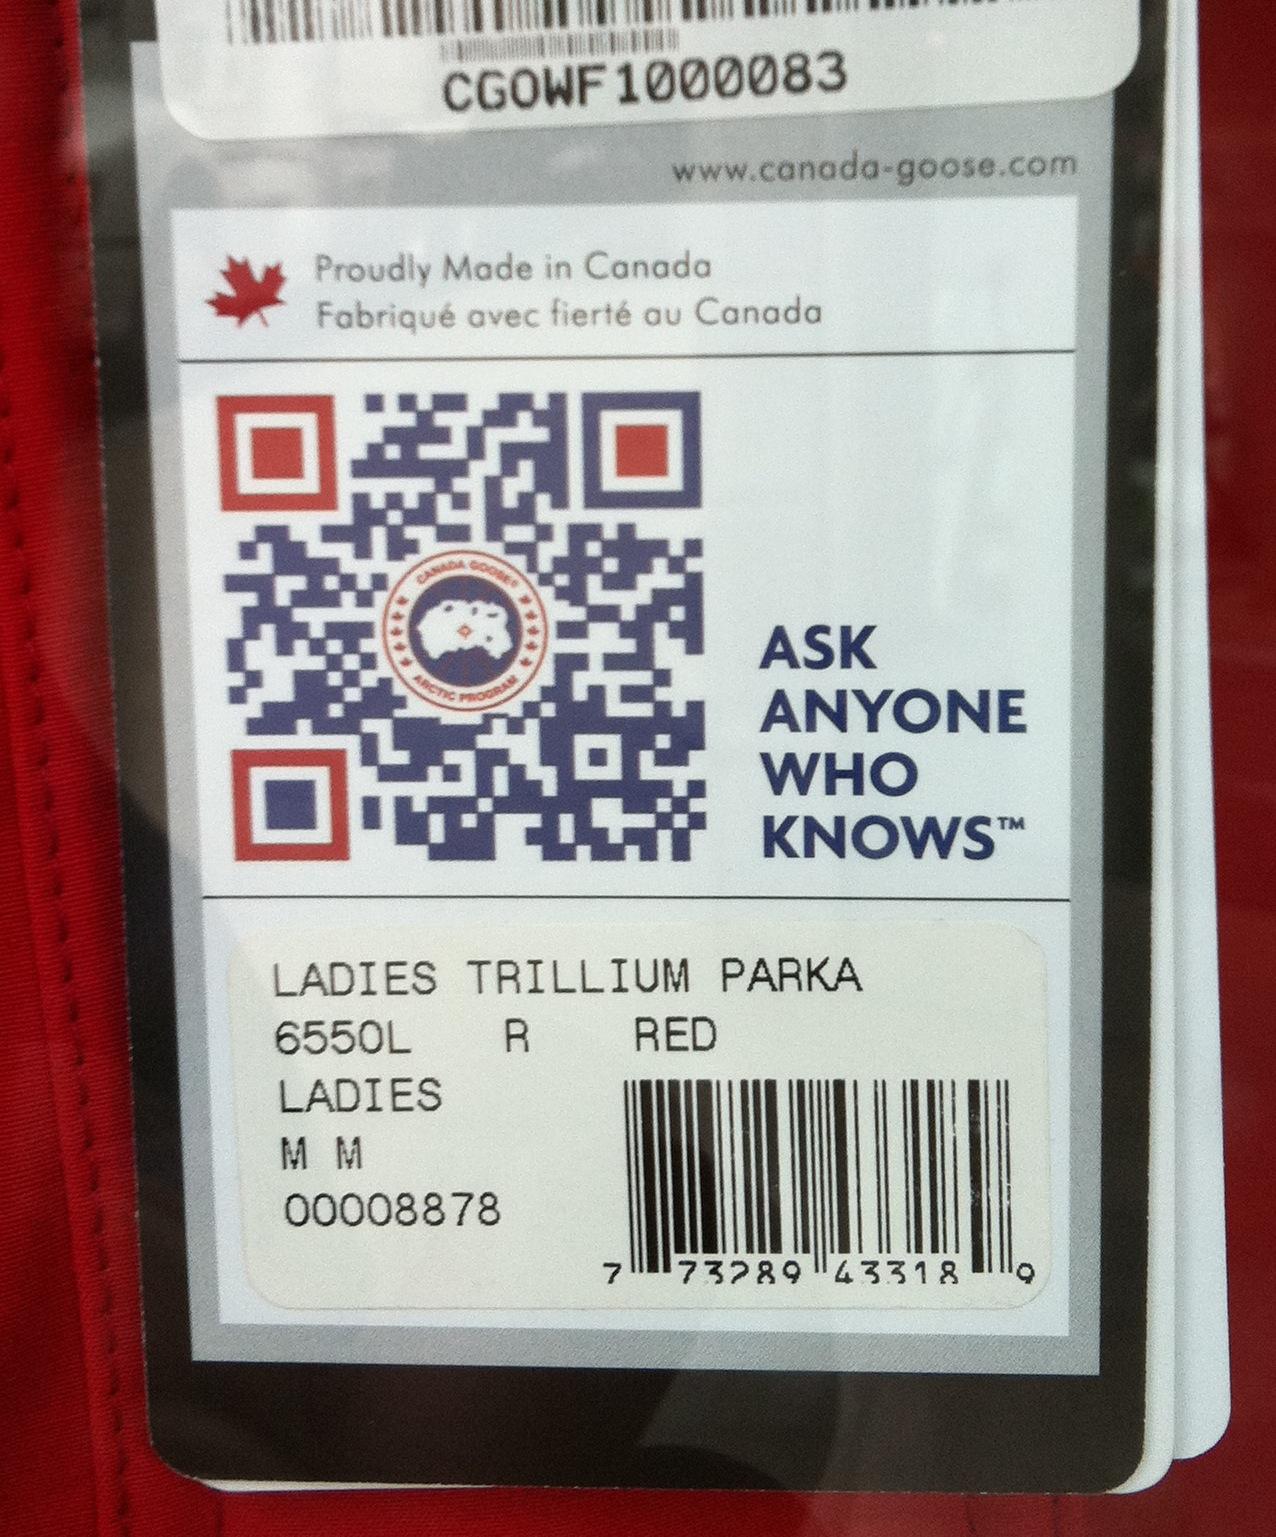 Canada goose discount coupon